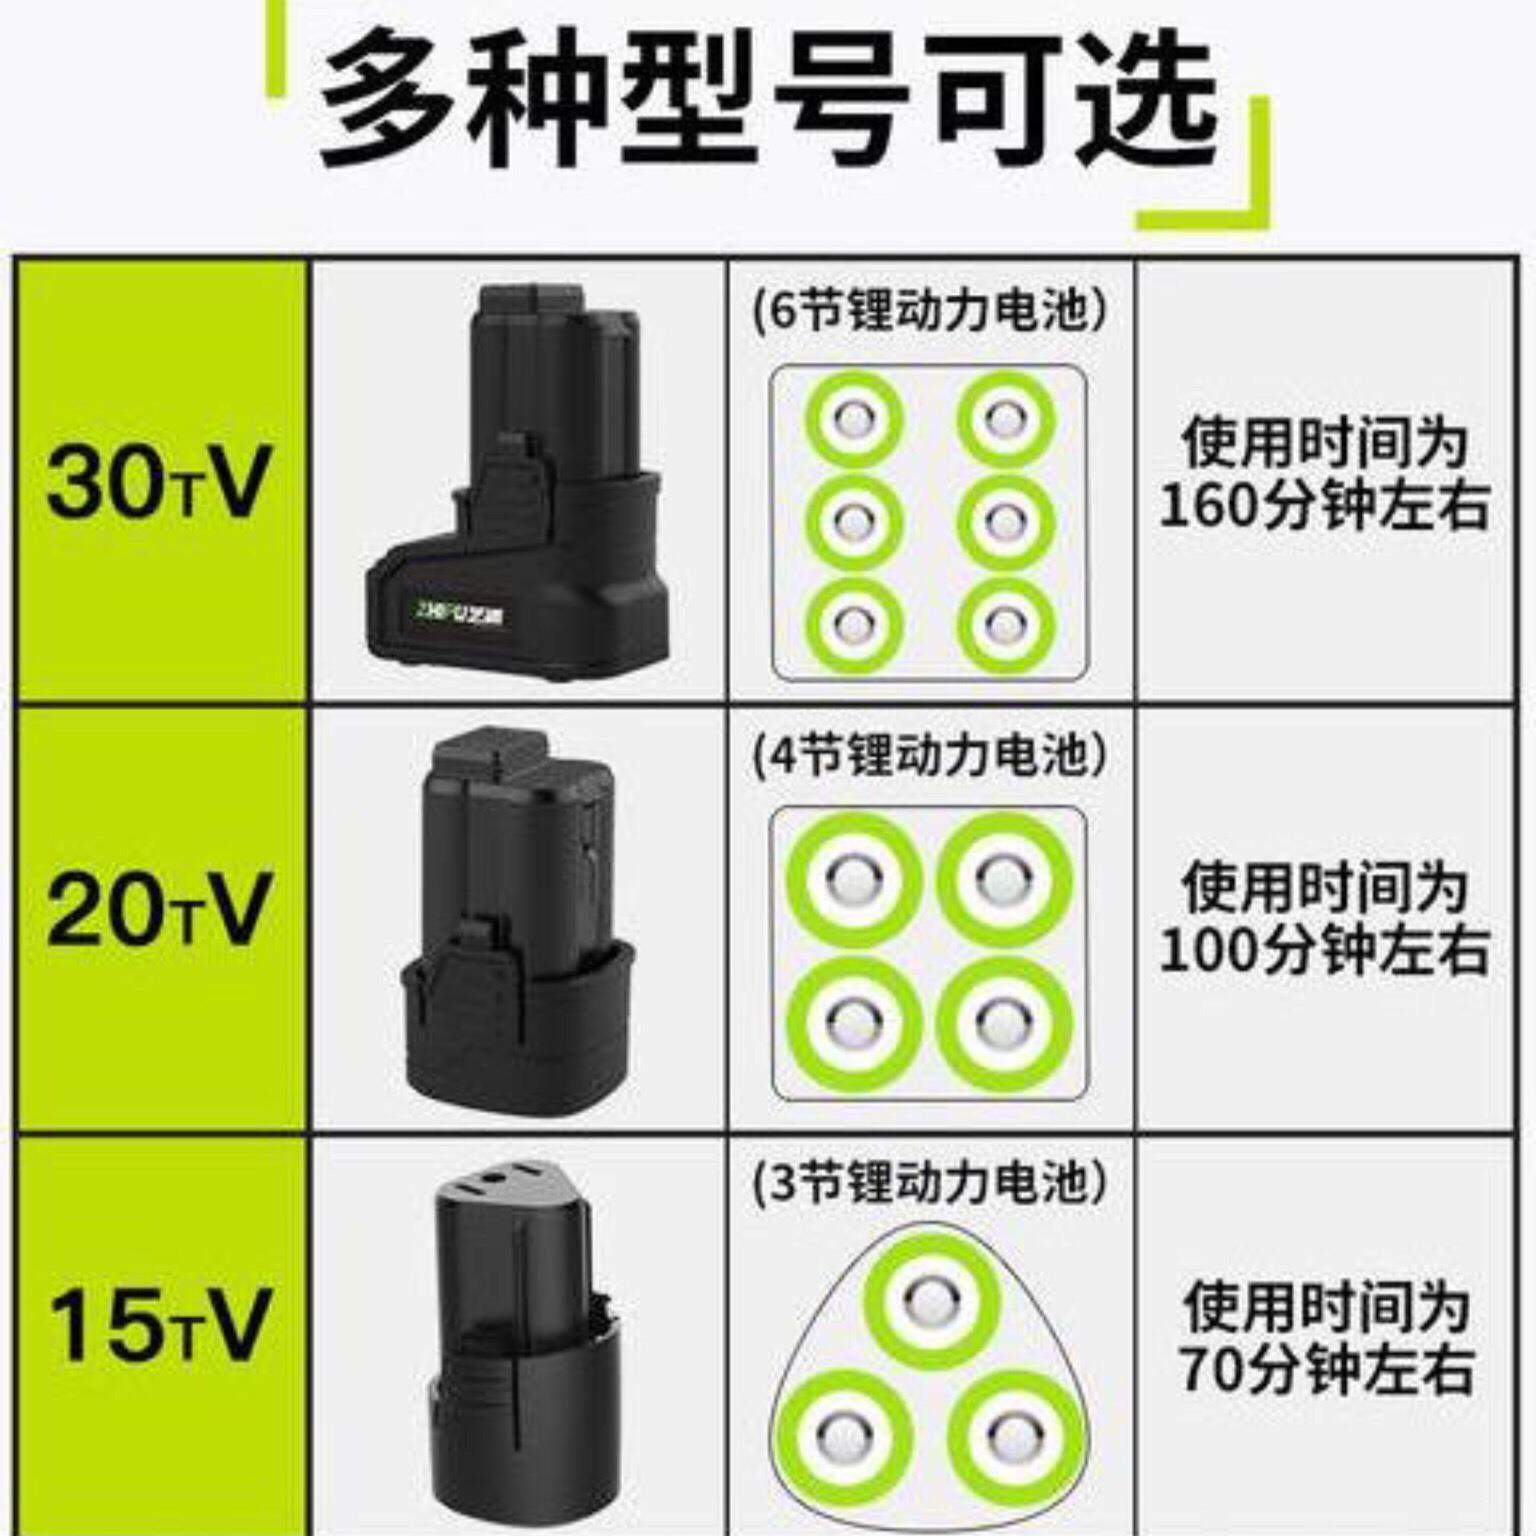 11-29新券手钻电钻30tv芝浦龙韵12v16.8v25v充电电转钻锂电池电动工具配件